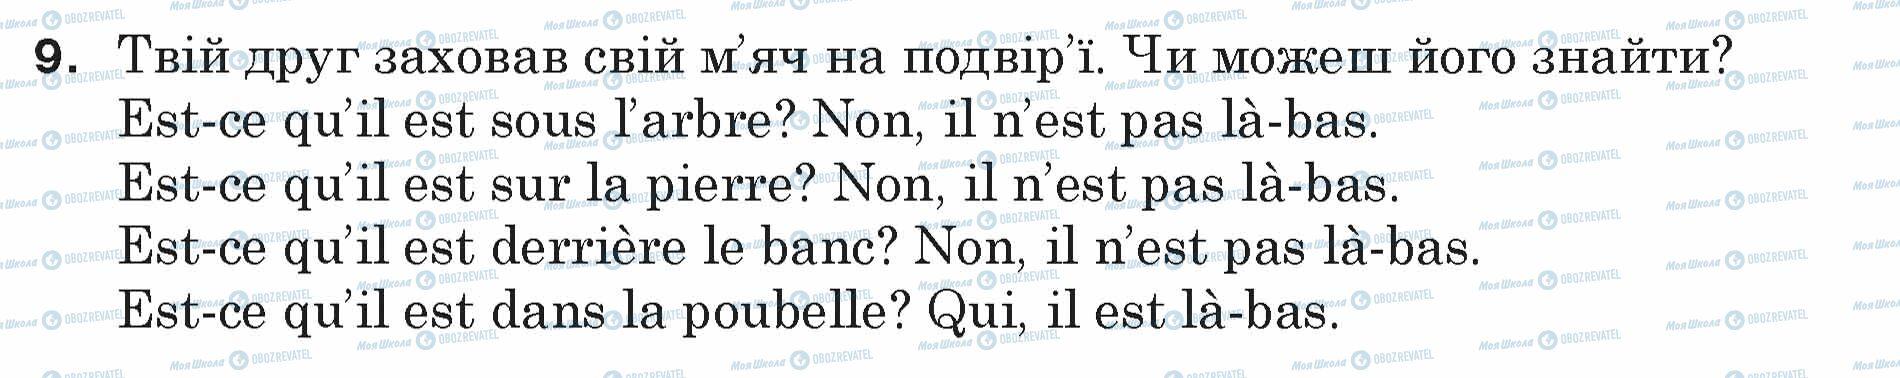 ГДЗ Французский язык 5 класс страница 9